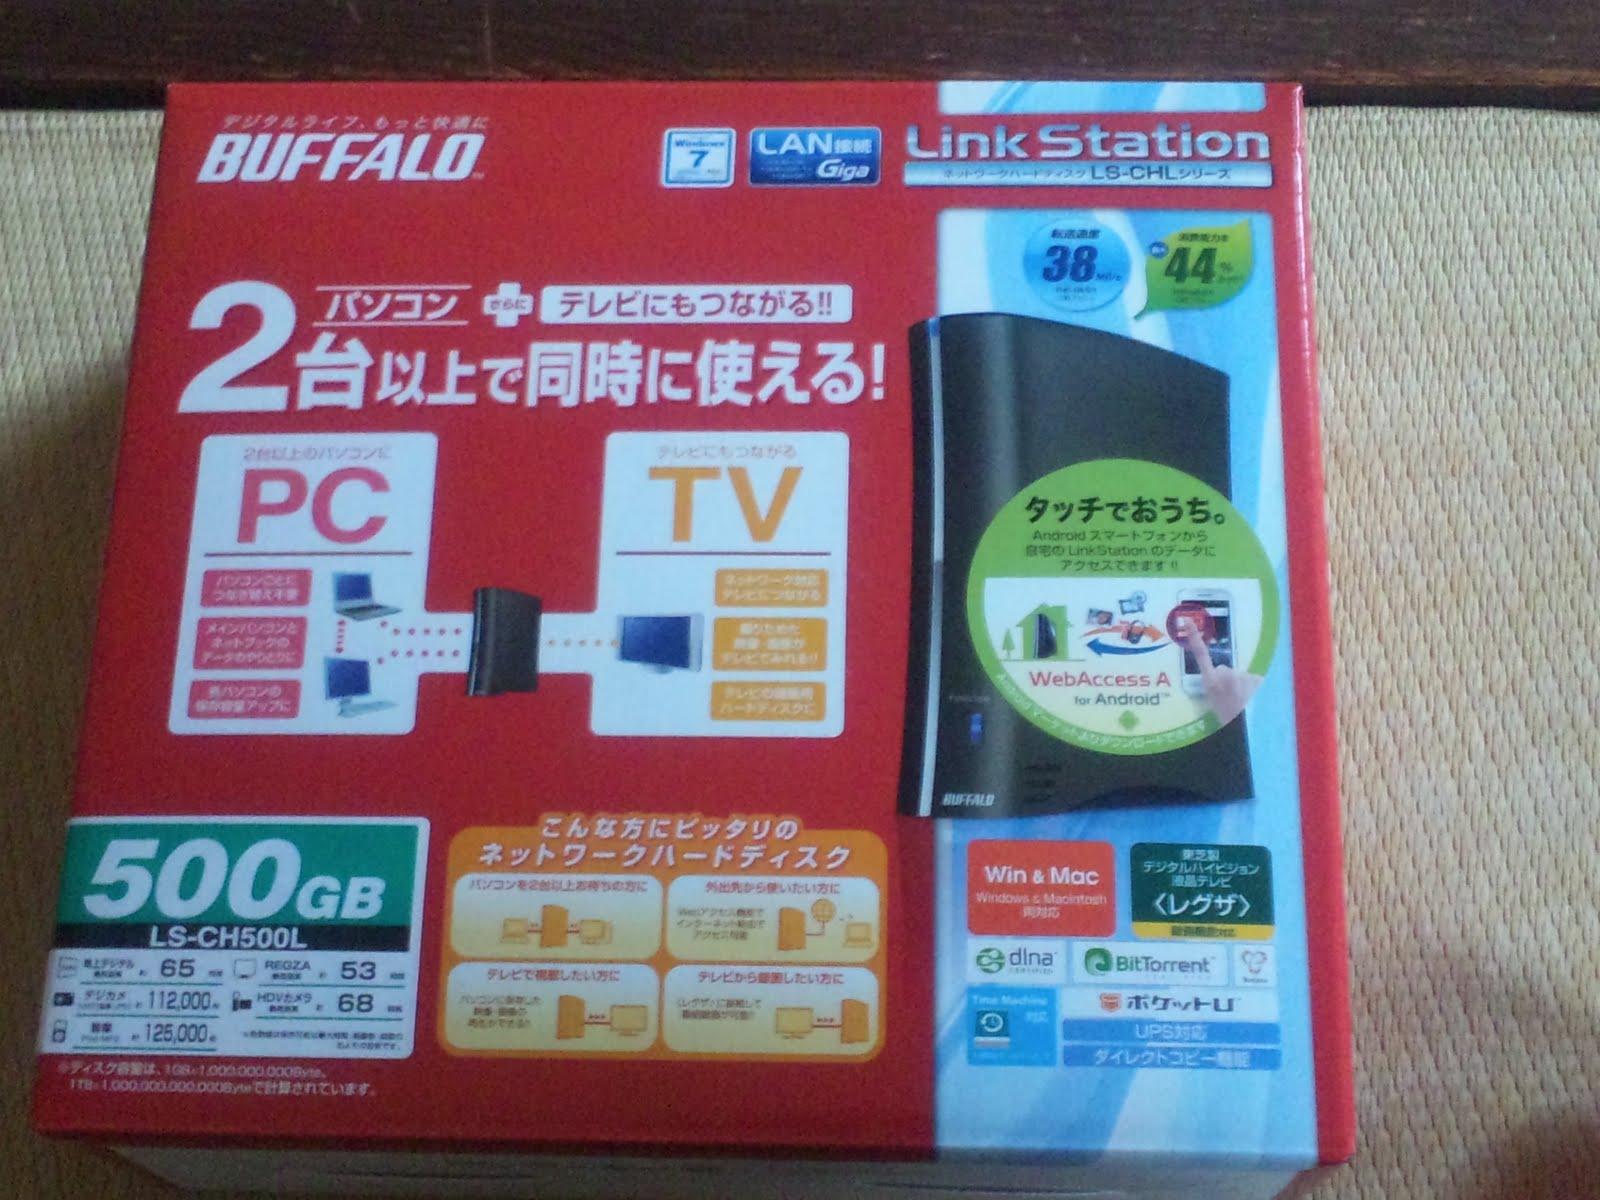 牛NAS】BUFFALO Link Station Part24【地雷上等】